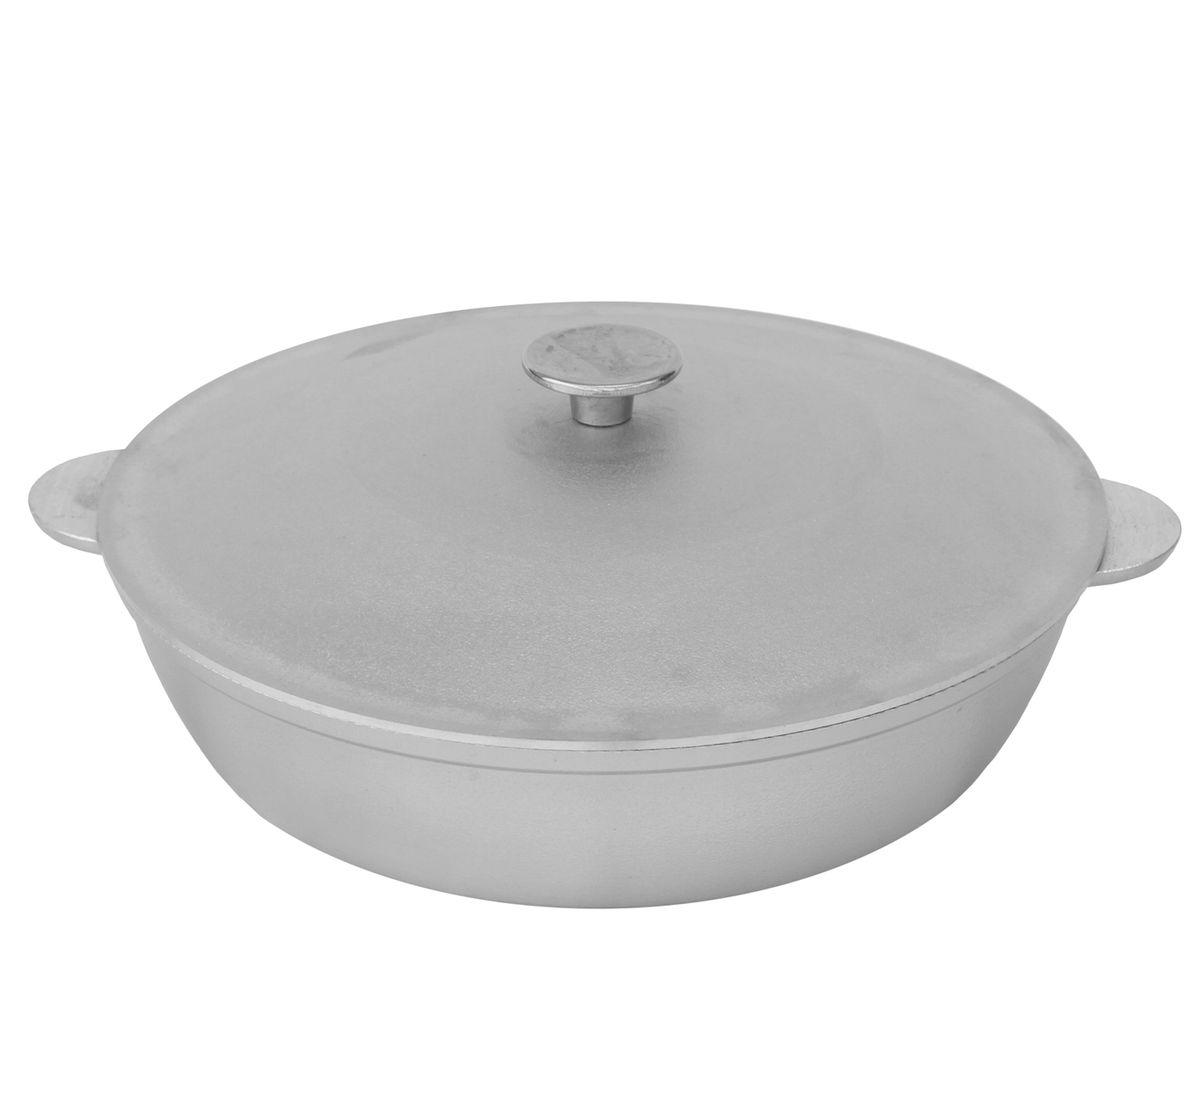 Сковорода БИОЛ с крышкой, с 2 ручками. Диаметр 36 см391602Сковорода БИОЛ, изготовленная из литого алюминиевого сплава, прекрасно подходит для приготовления повседневных блюд. Гладкая поверхность обеспечивает легкость ухода за посудой. Изделие оснащено крышкой и двумя ручками.Подходит для газовых и электрических плит.Диаметр сковороды (по верхнему краю): 36 см.Высота стенки: 9 см.Ширина сковороды (с учетом ручек): 42 см.Диаметр дна: 27 см.